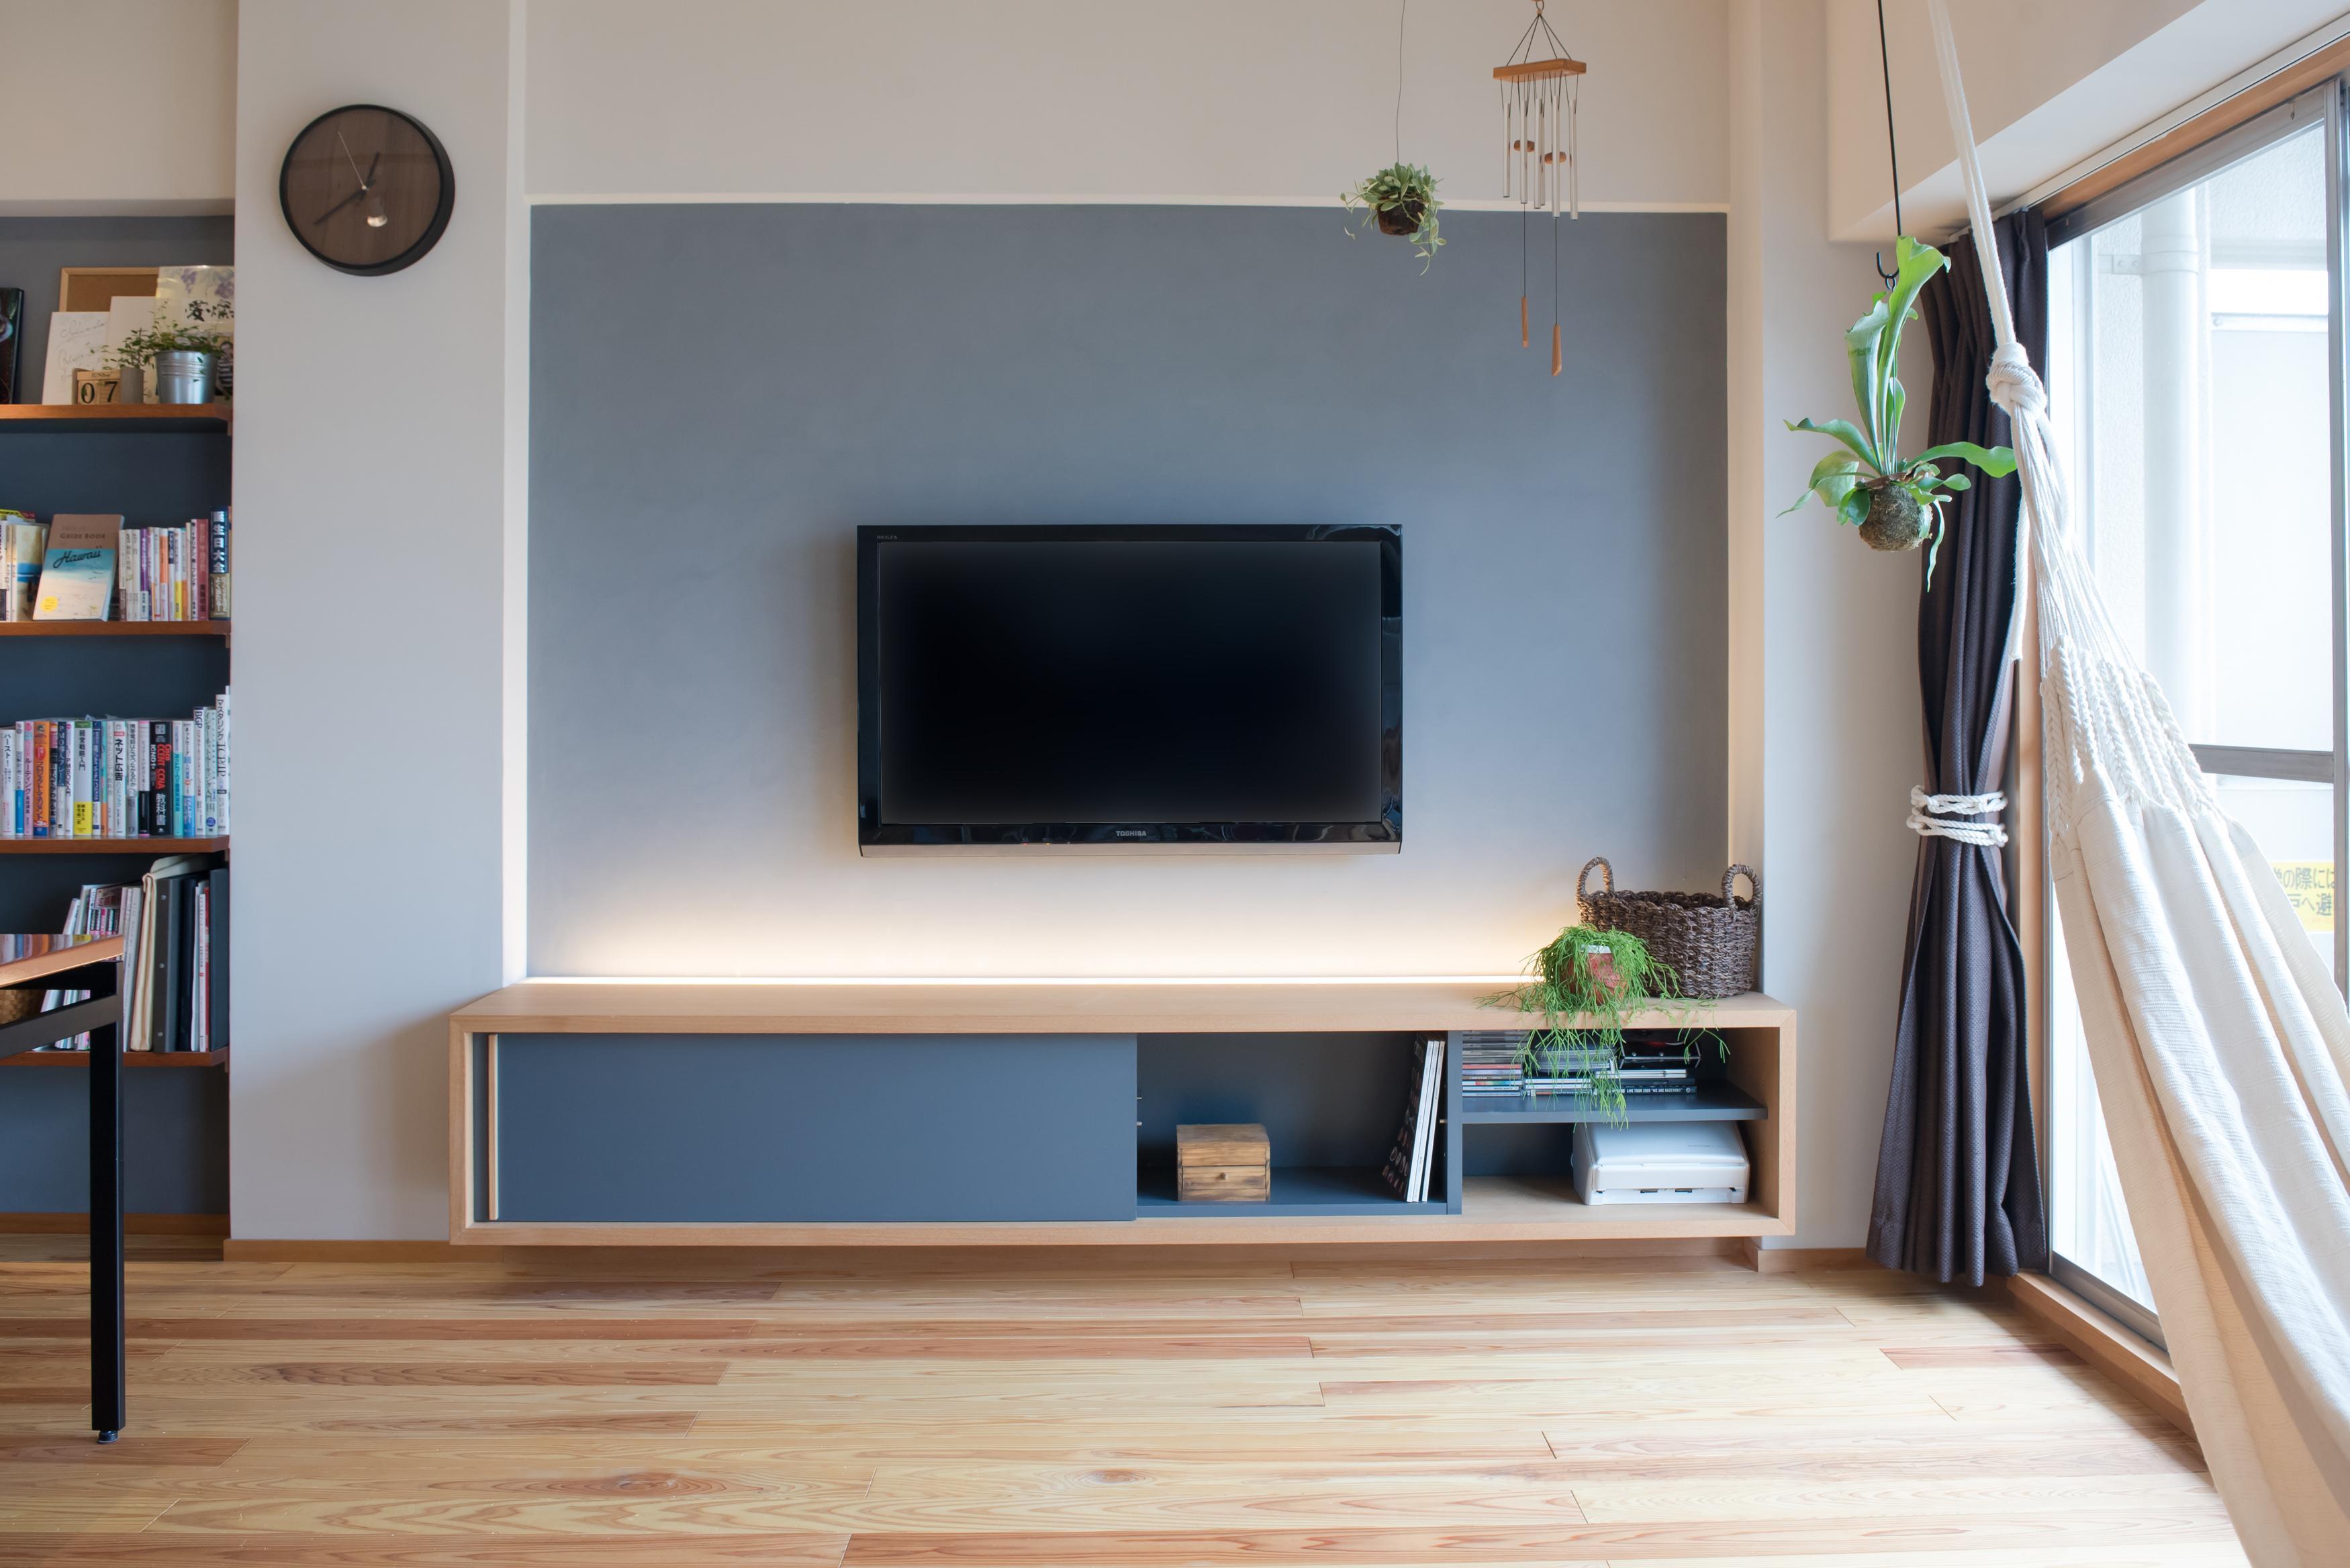 フロートタイプ、テレビ台、テレビボード、造作家具、リノベーション、マンションリノベーション、ハンズデザイン一級建築士事務所、リビング